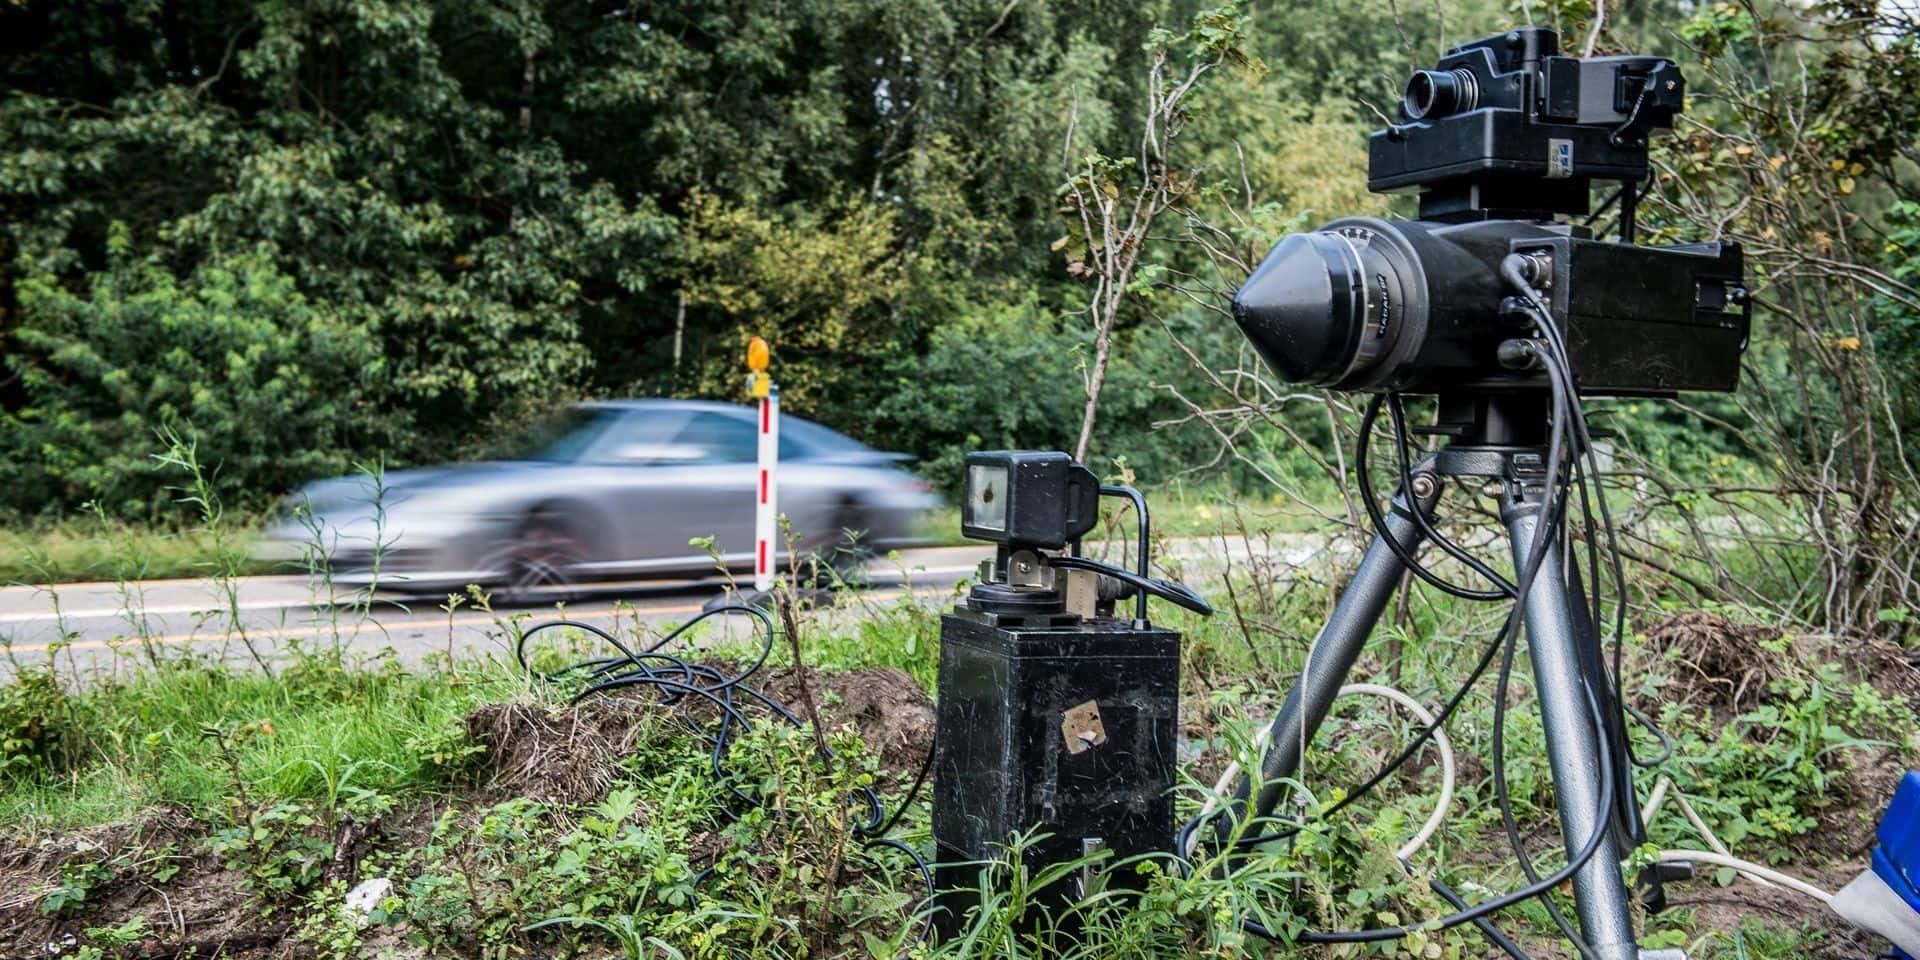 En Ferrari, il roule à plus de 120 km/heures dans les rues de Verviers